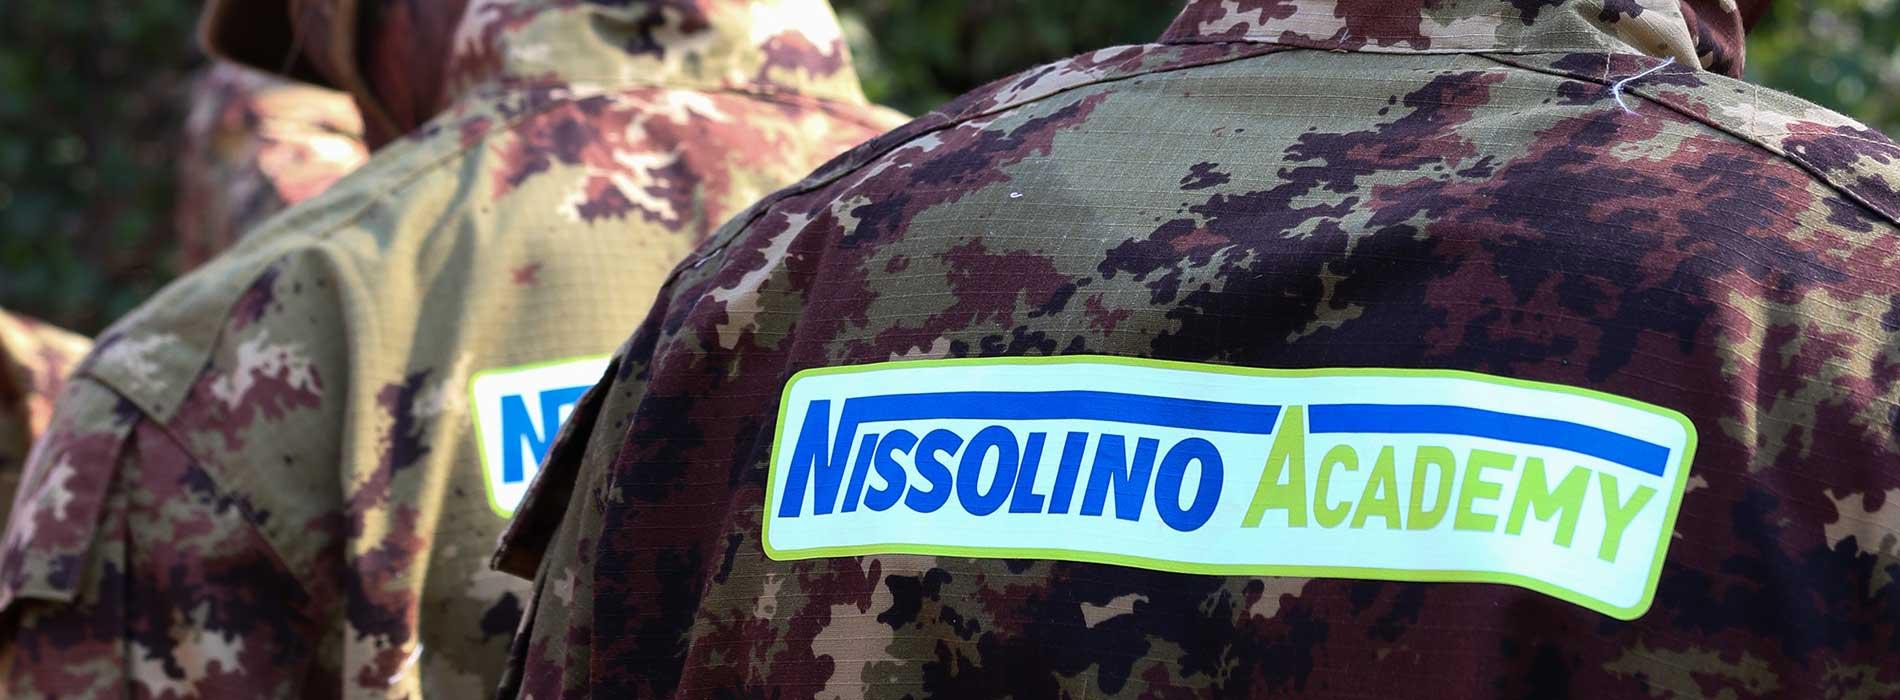 offerta formativa nuovo anno accademico Nissolino Academy